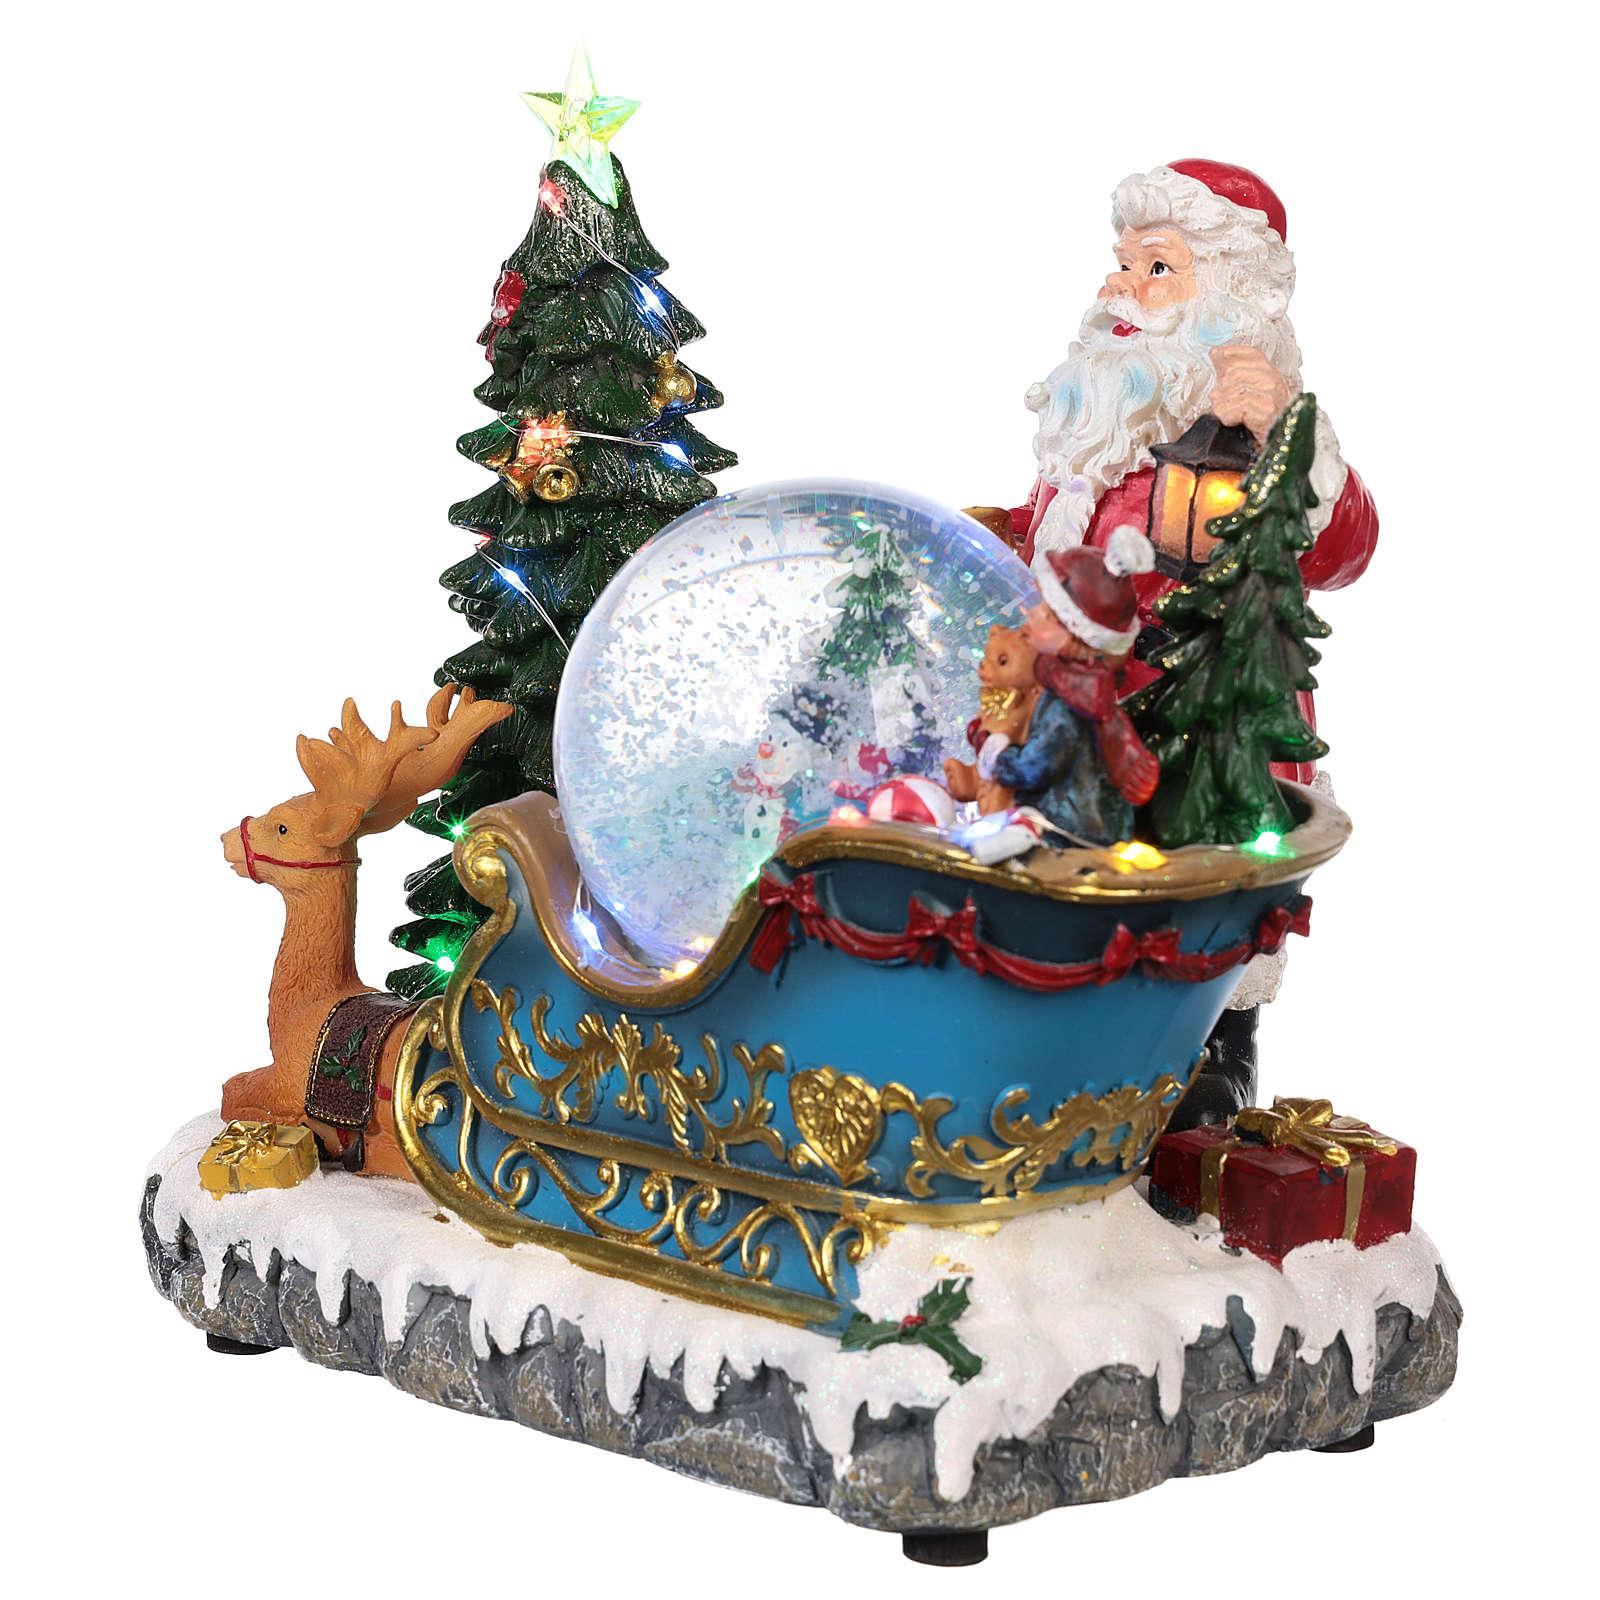 Traîneau Père Noël Boule À Neige Mouvement Lumières Musique 25X30X20 Cm intérieur Musique Du Père Noël